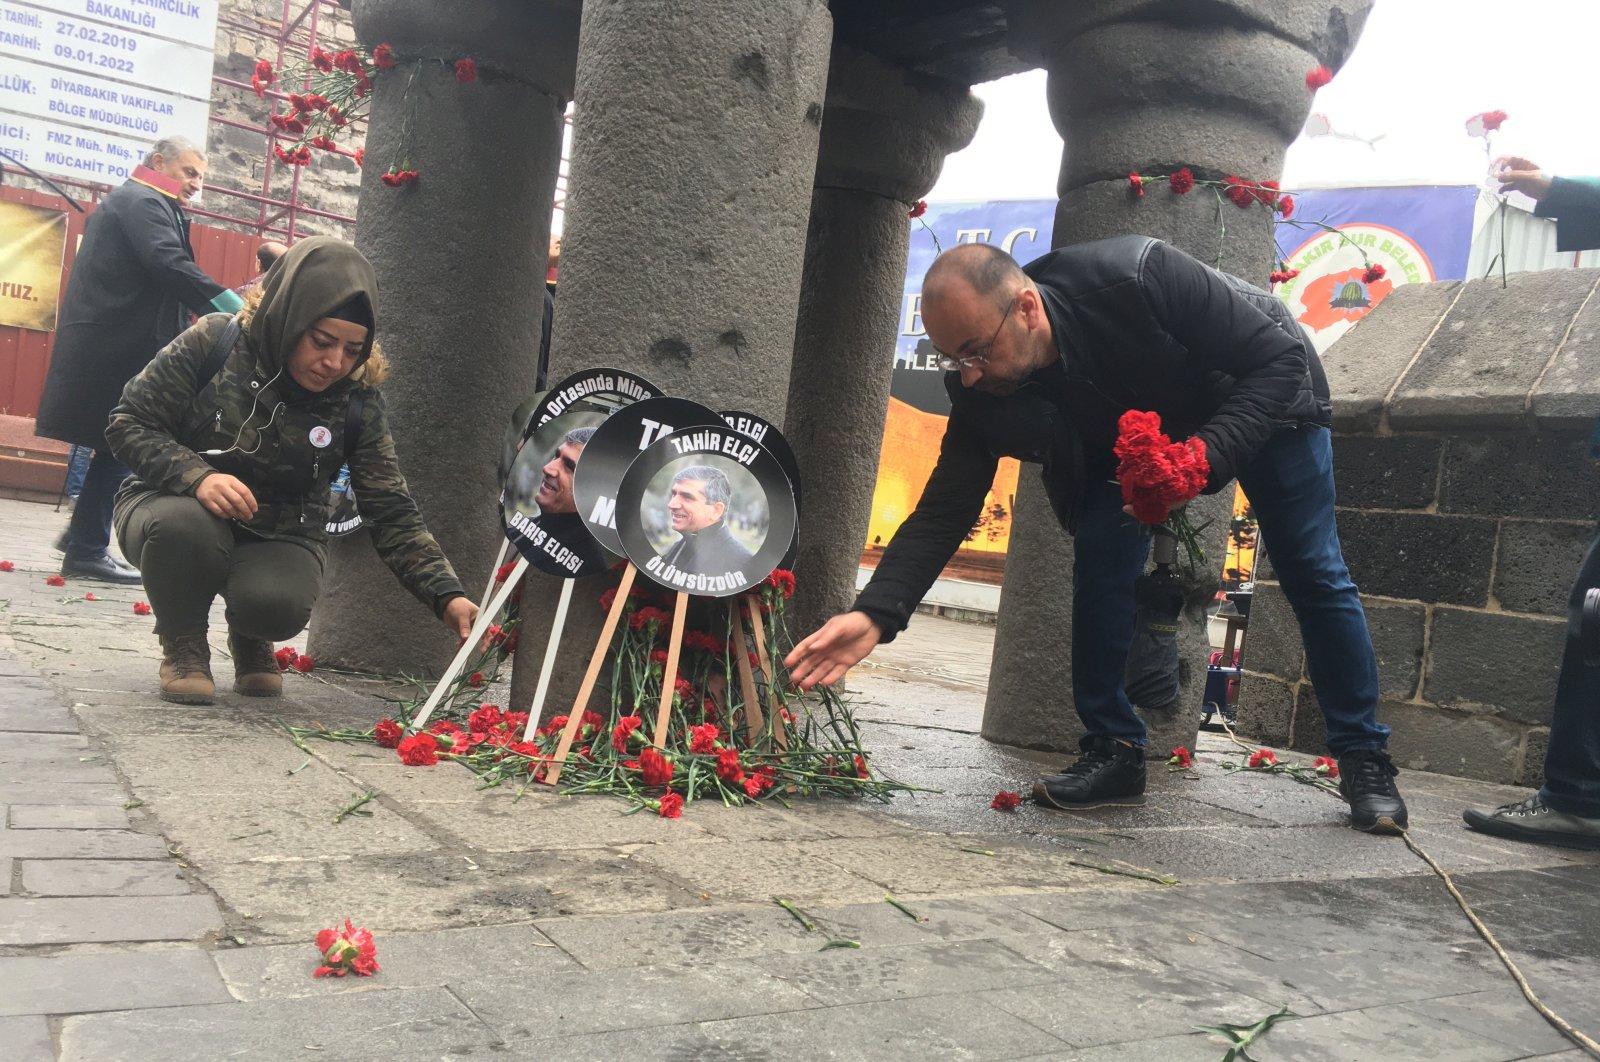 People leave flowers at the scene where Tahir Elçi was killed, in Diyarbakır, Turkey, Nov. 28, 2019. (DHA Photo)